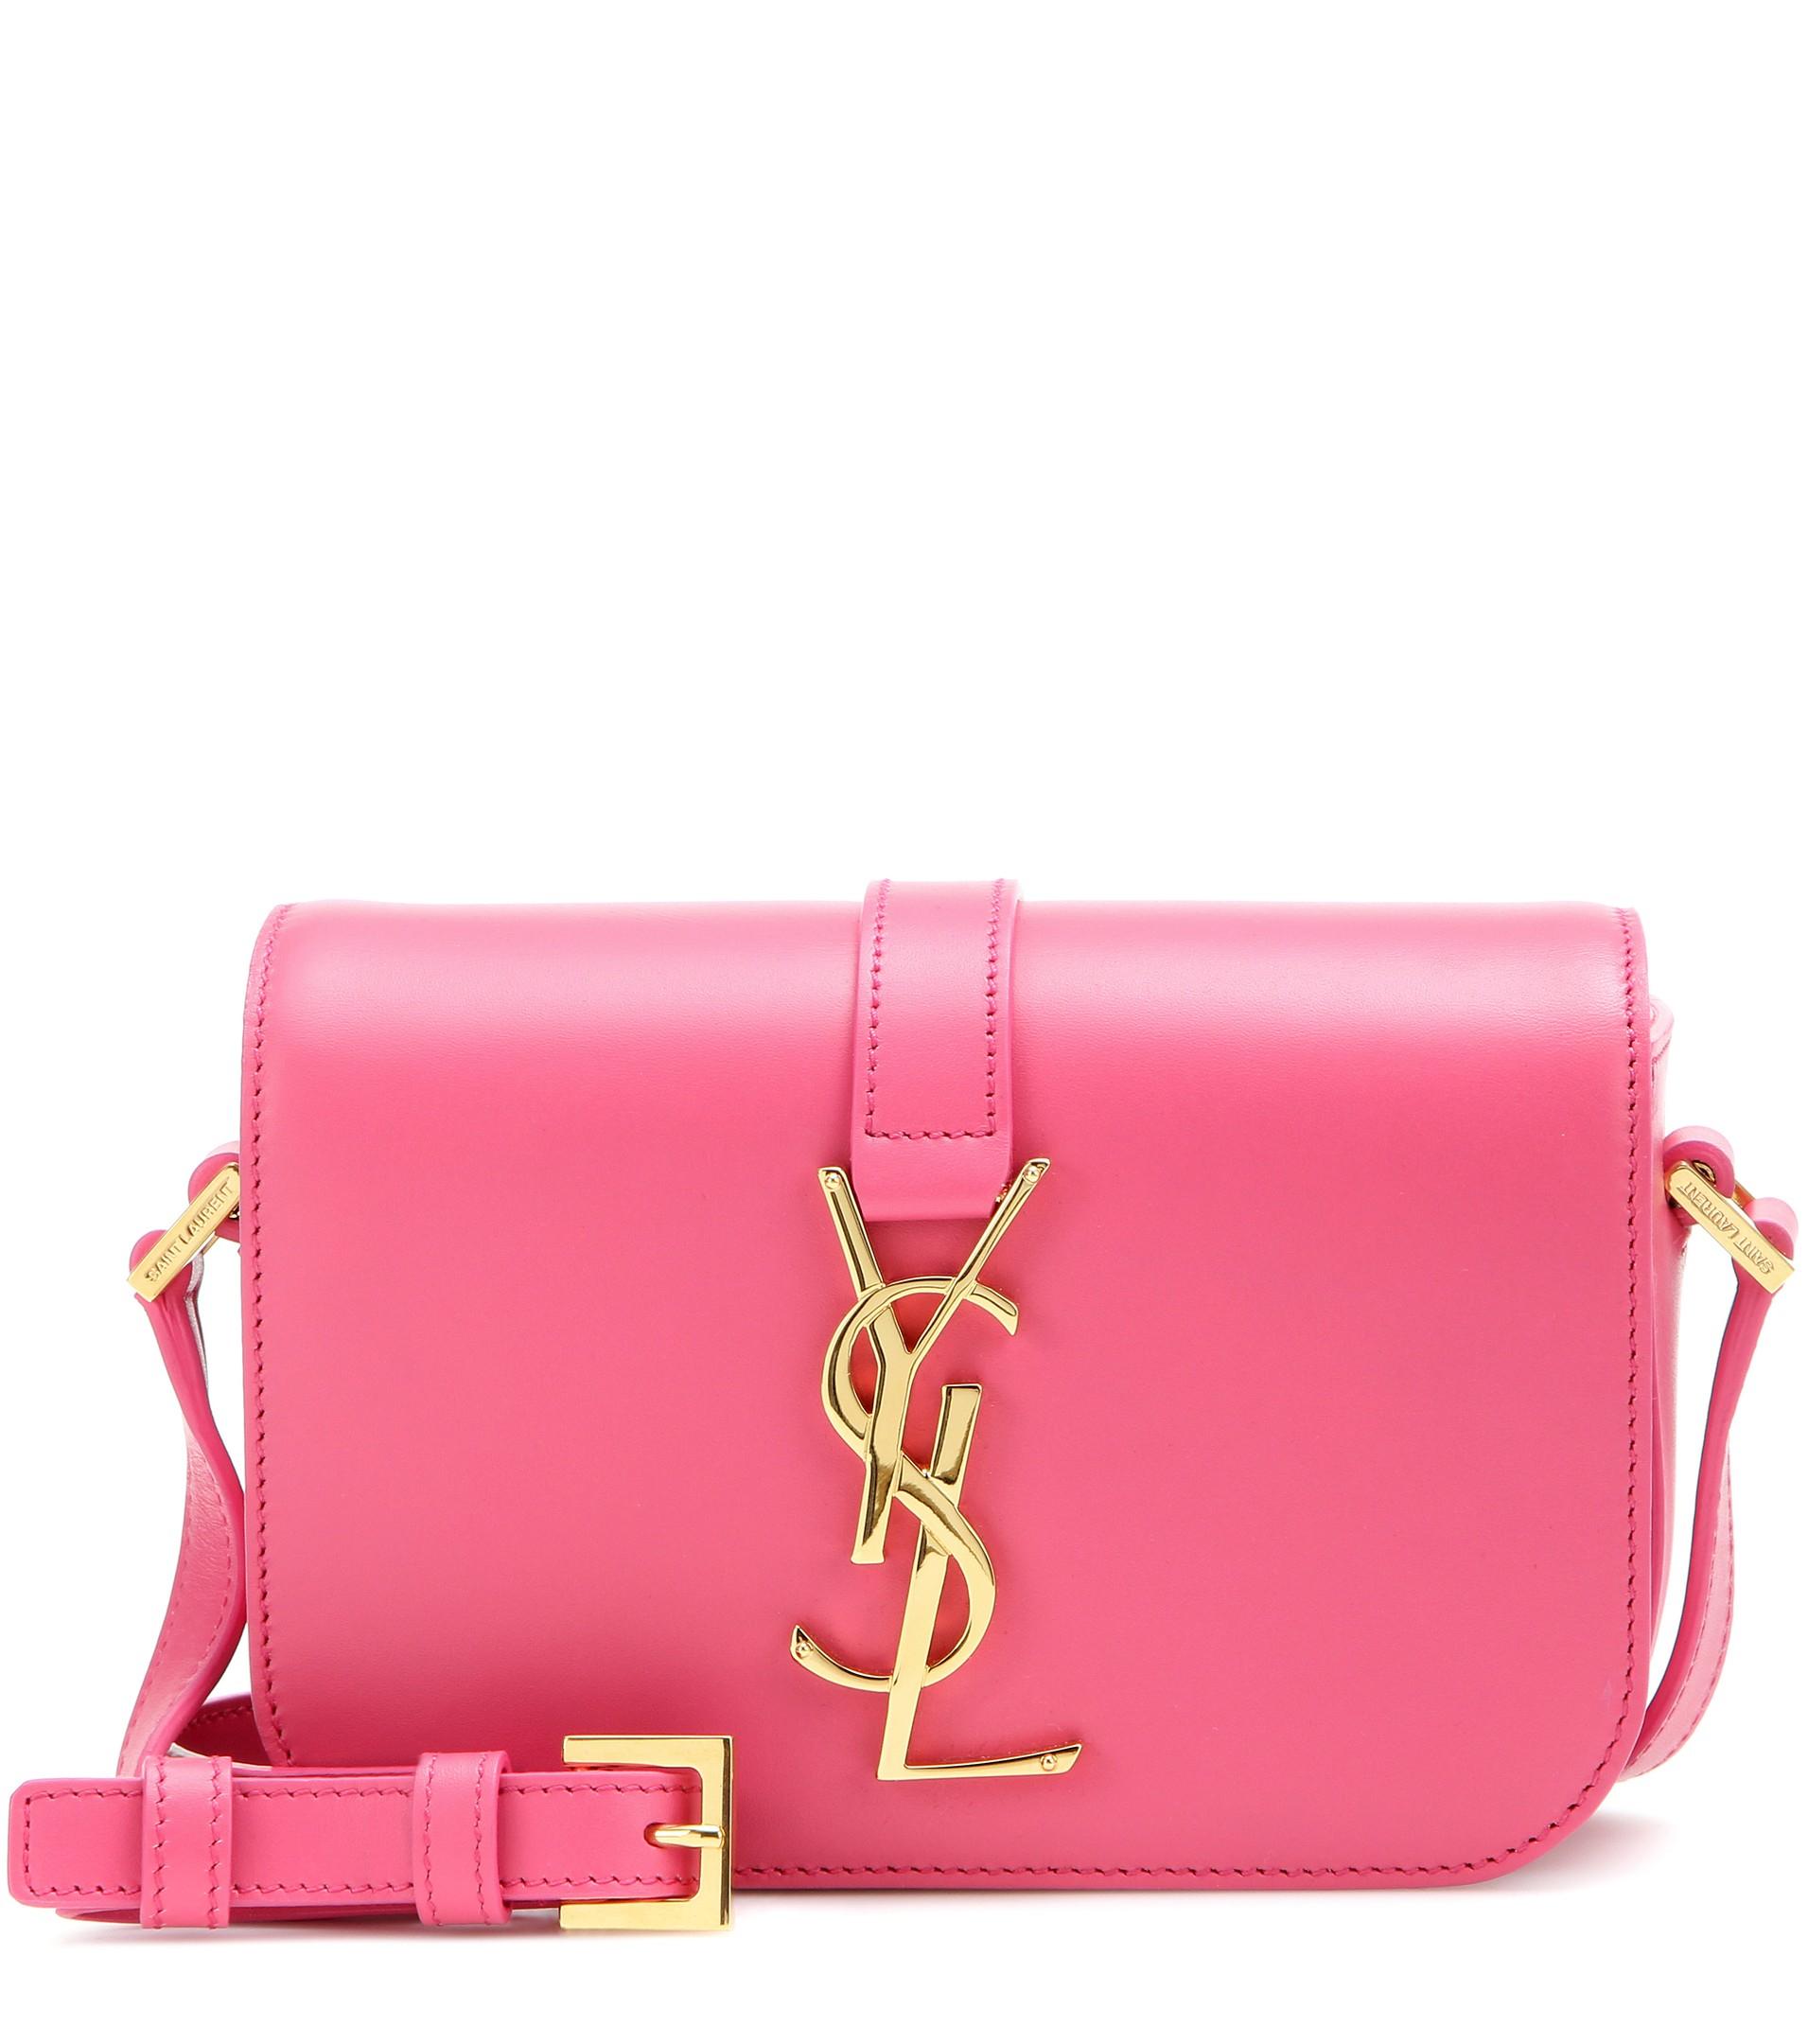 a2cc205cca282 Saint Laurent Monogram Université Small Leather Shoulder Bag in Pink ...